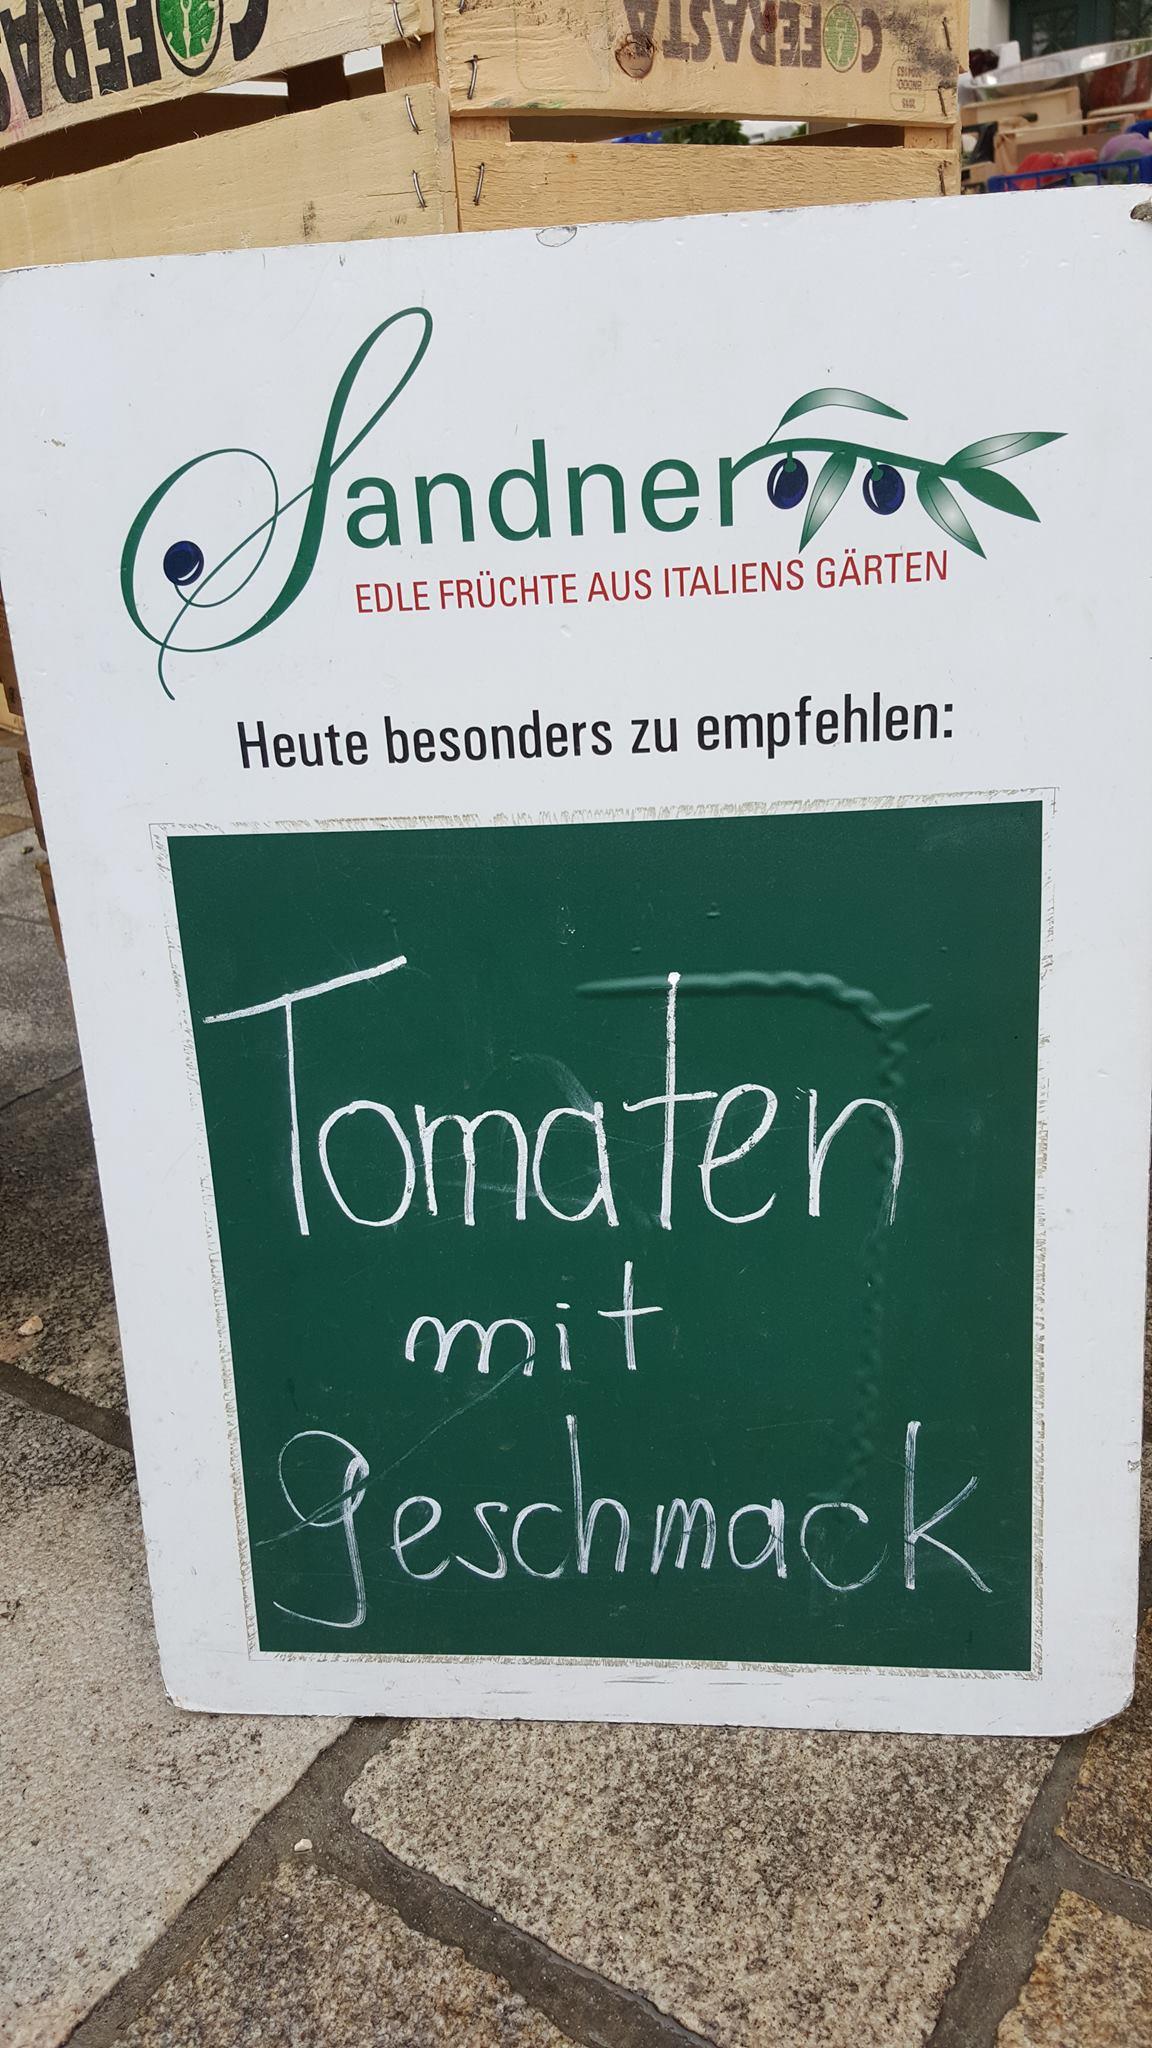 Stadtmarkt Kempten: Backwaren ohne Backmischung und Tomaten mit Geschmack – ist es nicht traurig, dass das heutzutage USP's sind statt selbstverständlich?